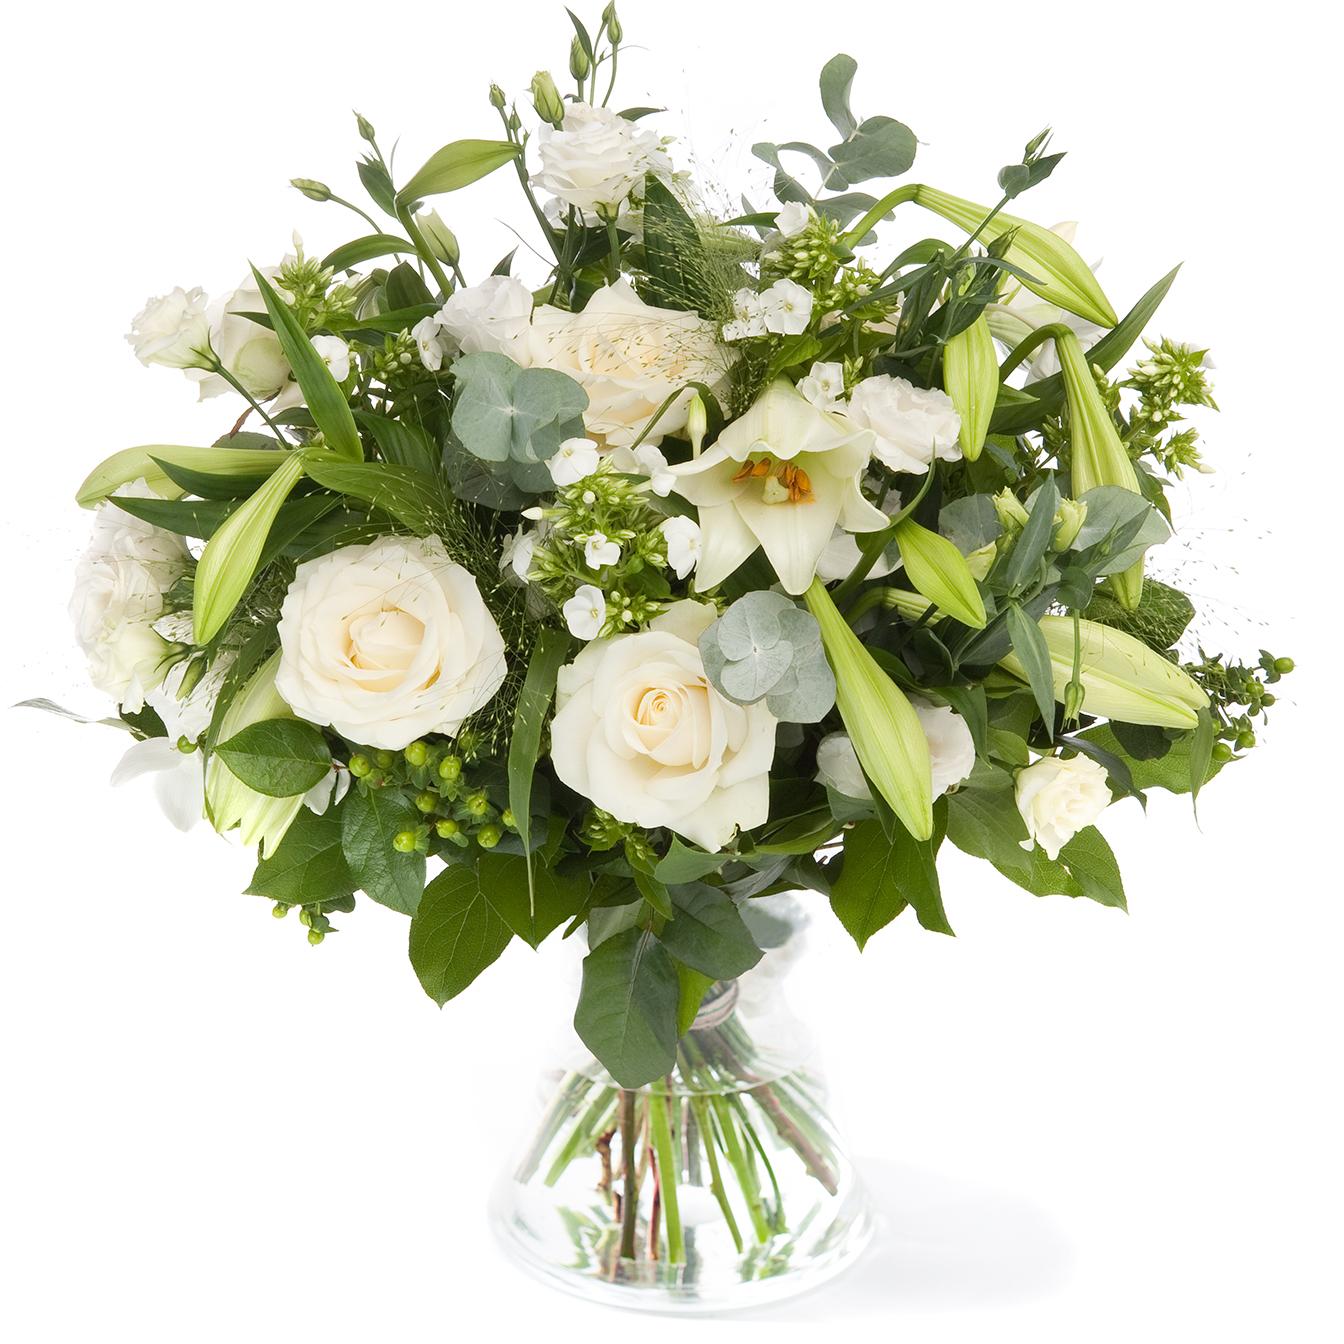 https://bloemenbezorgengroningen.nl/wp-content/uploads/2014/06/Subliem-luxueus-boeket.jpg